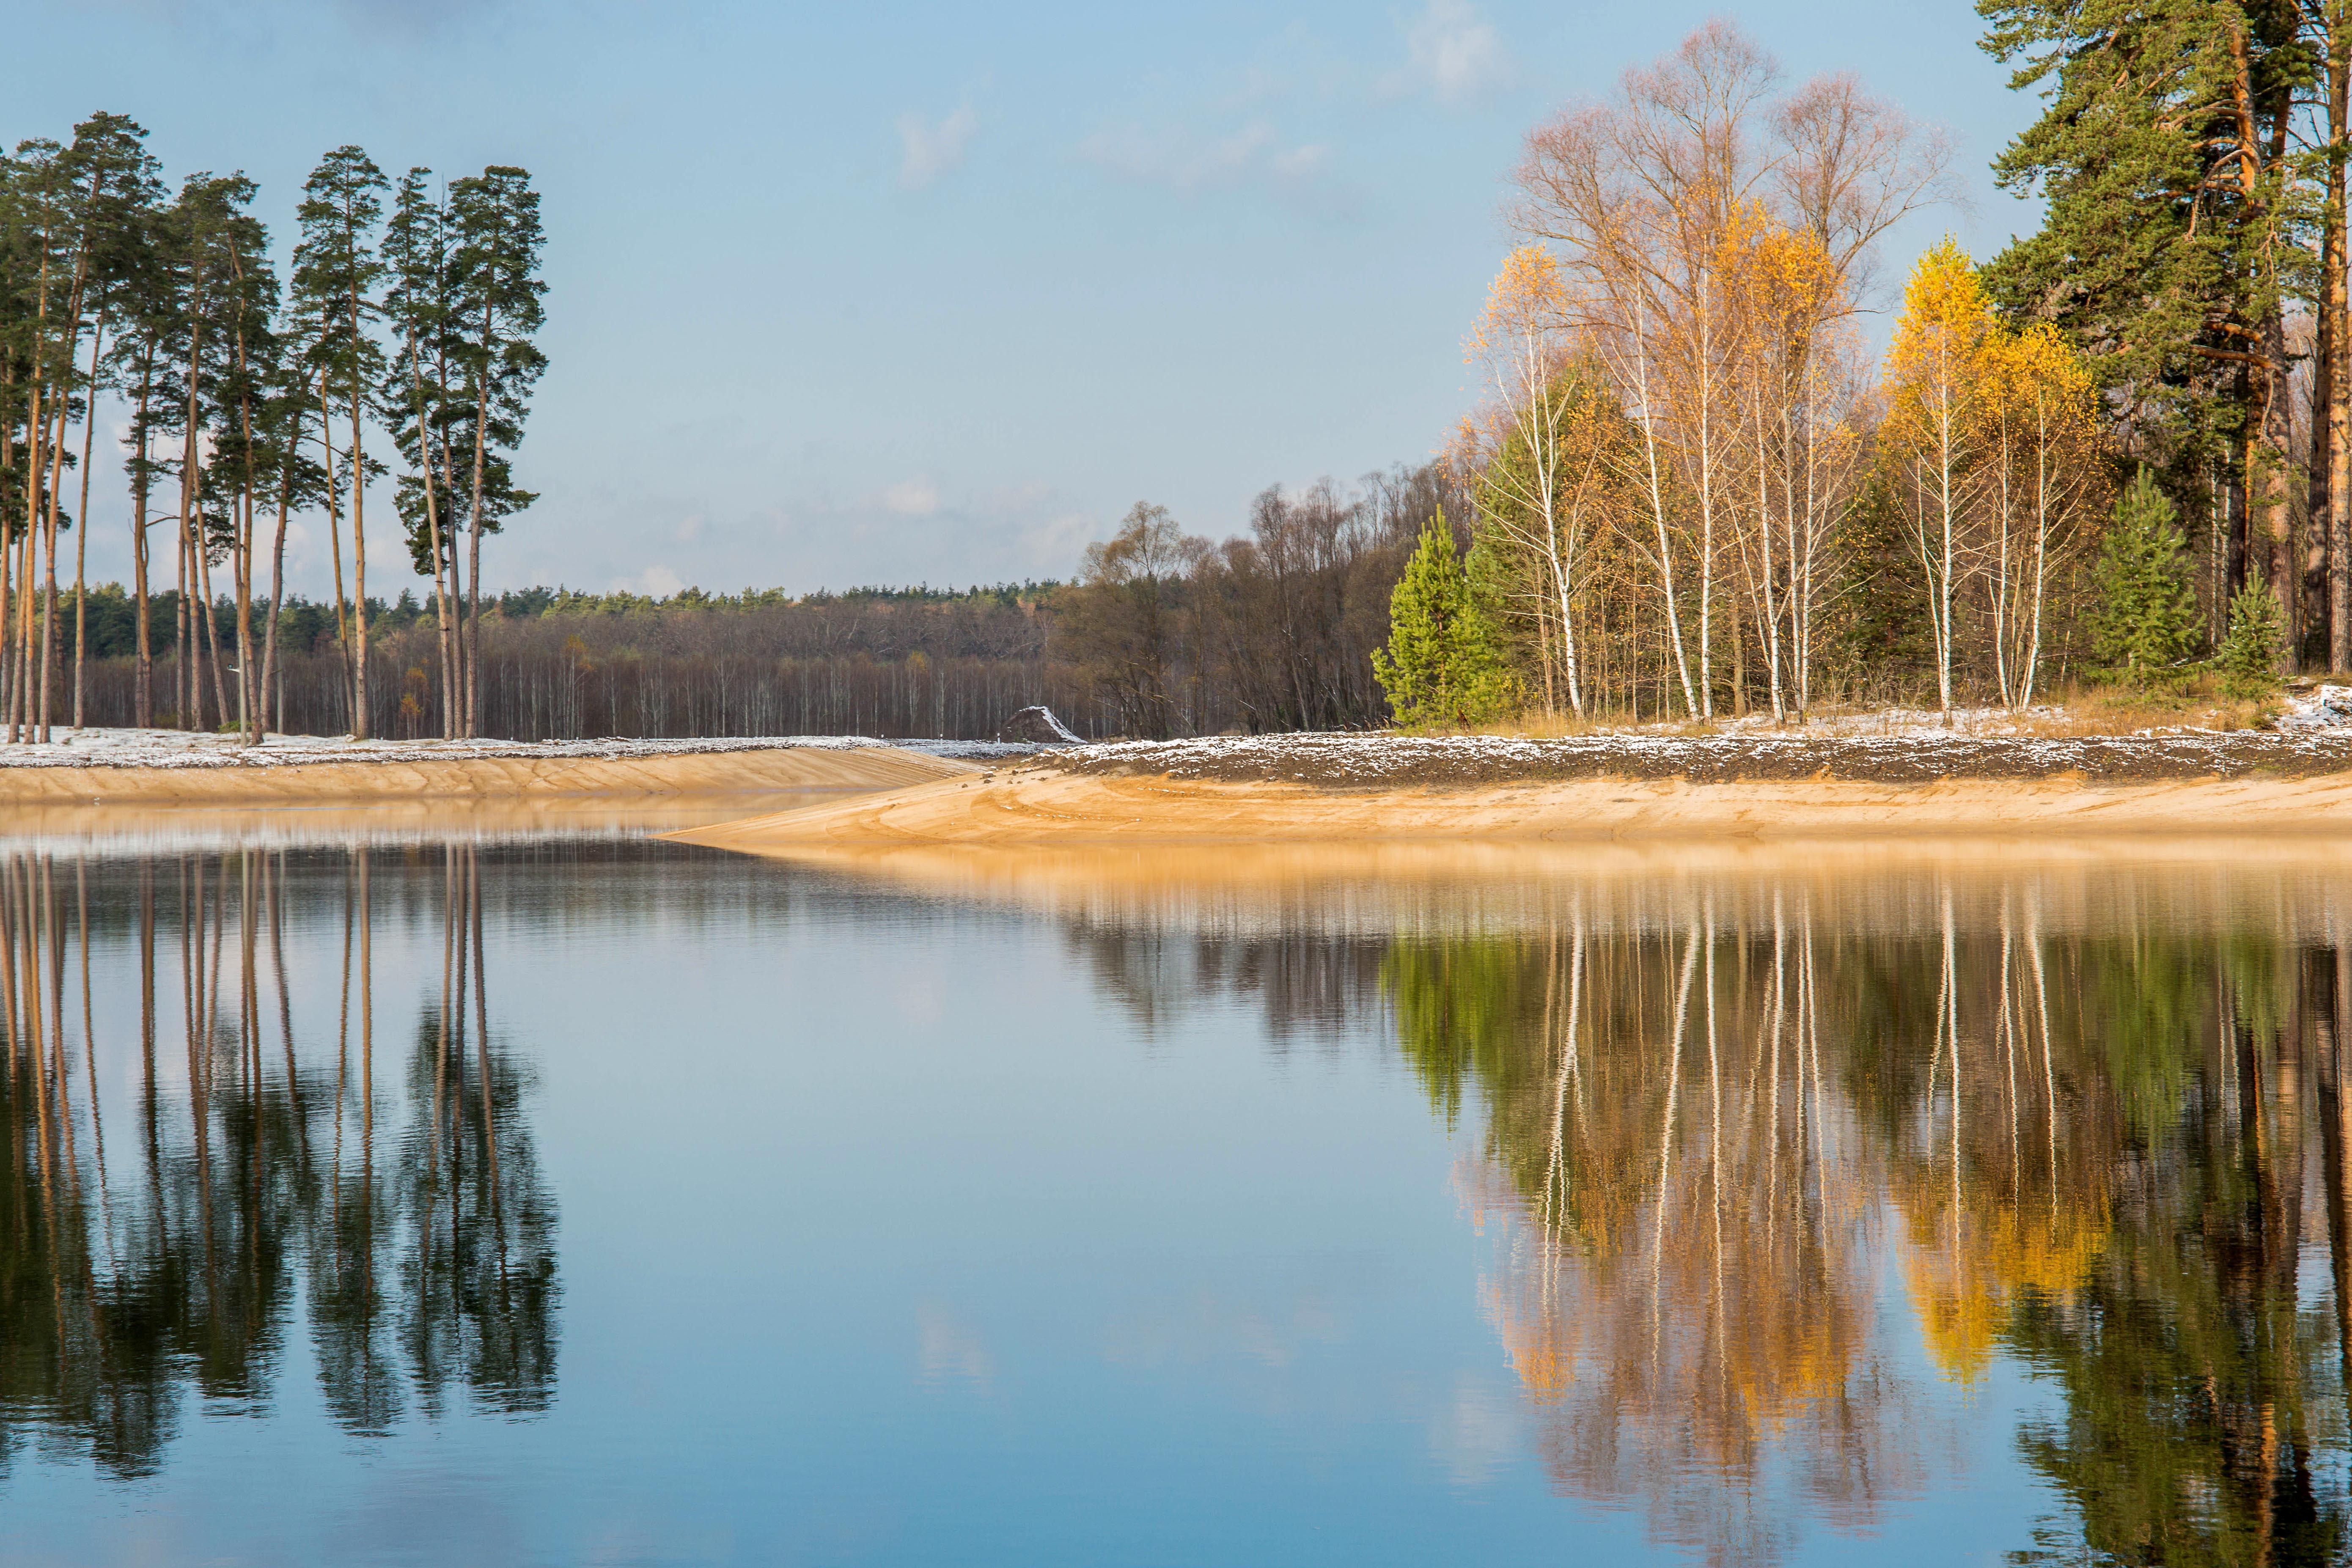 Озеро лебяжье казань фото